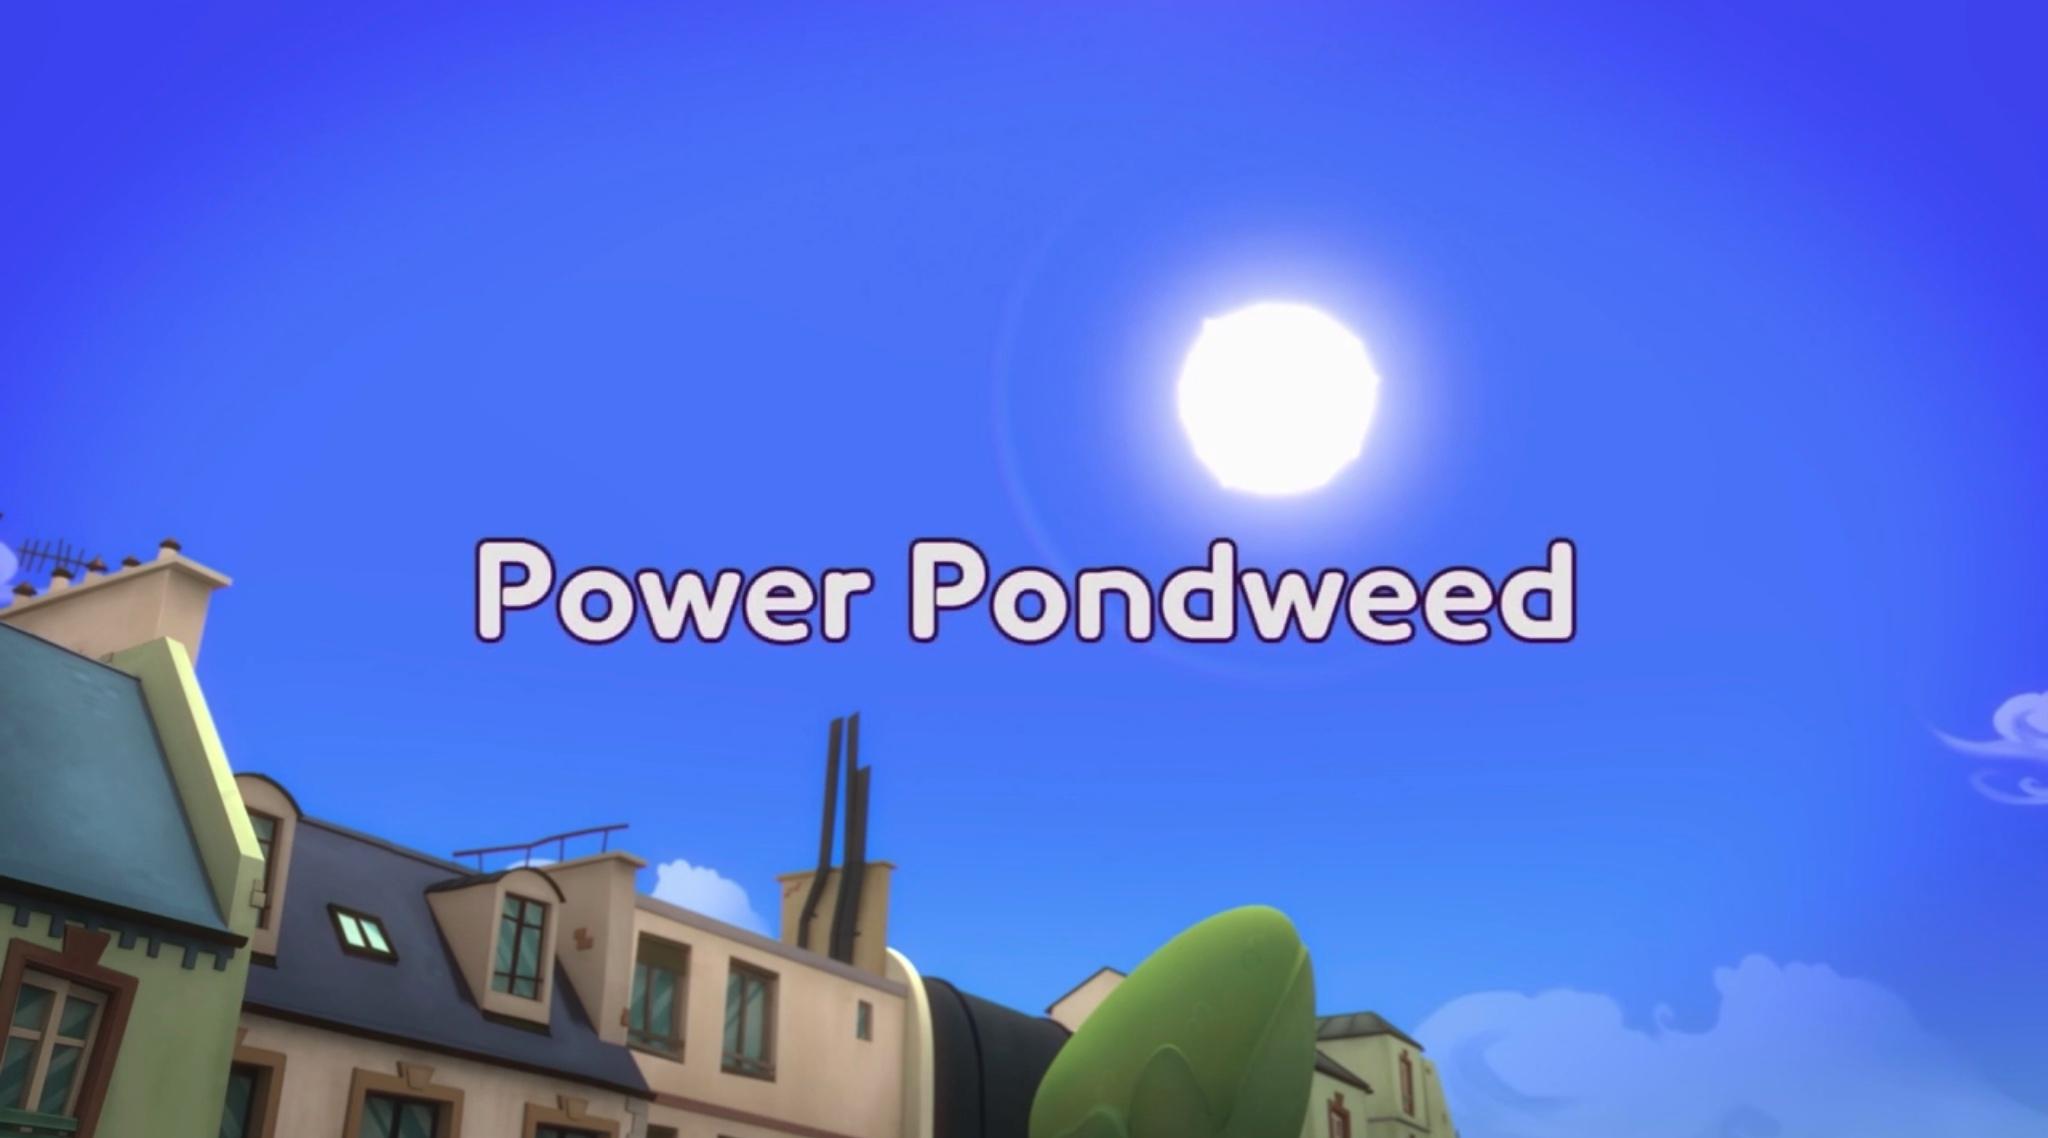 Powerpond Weed